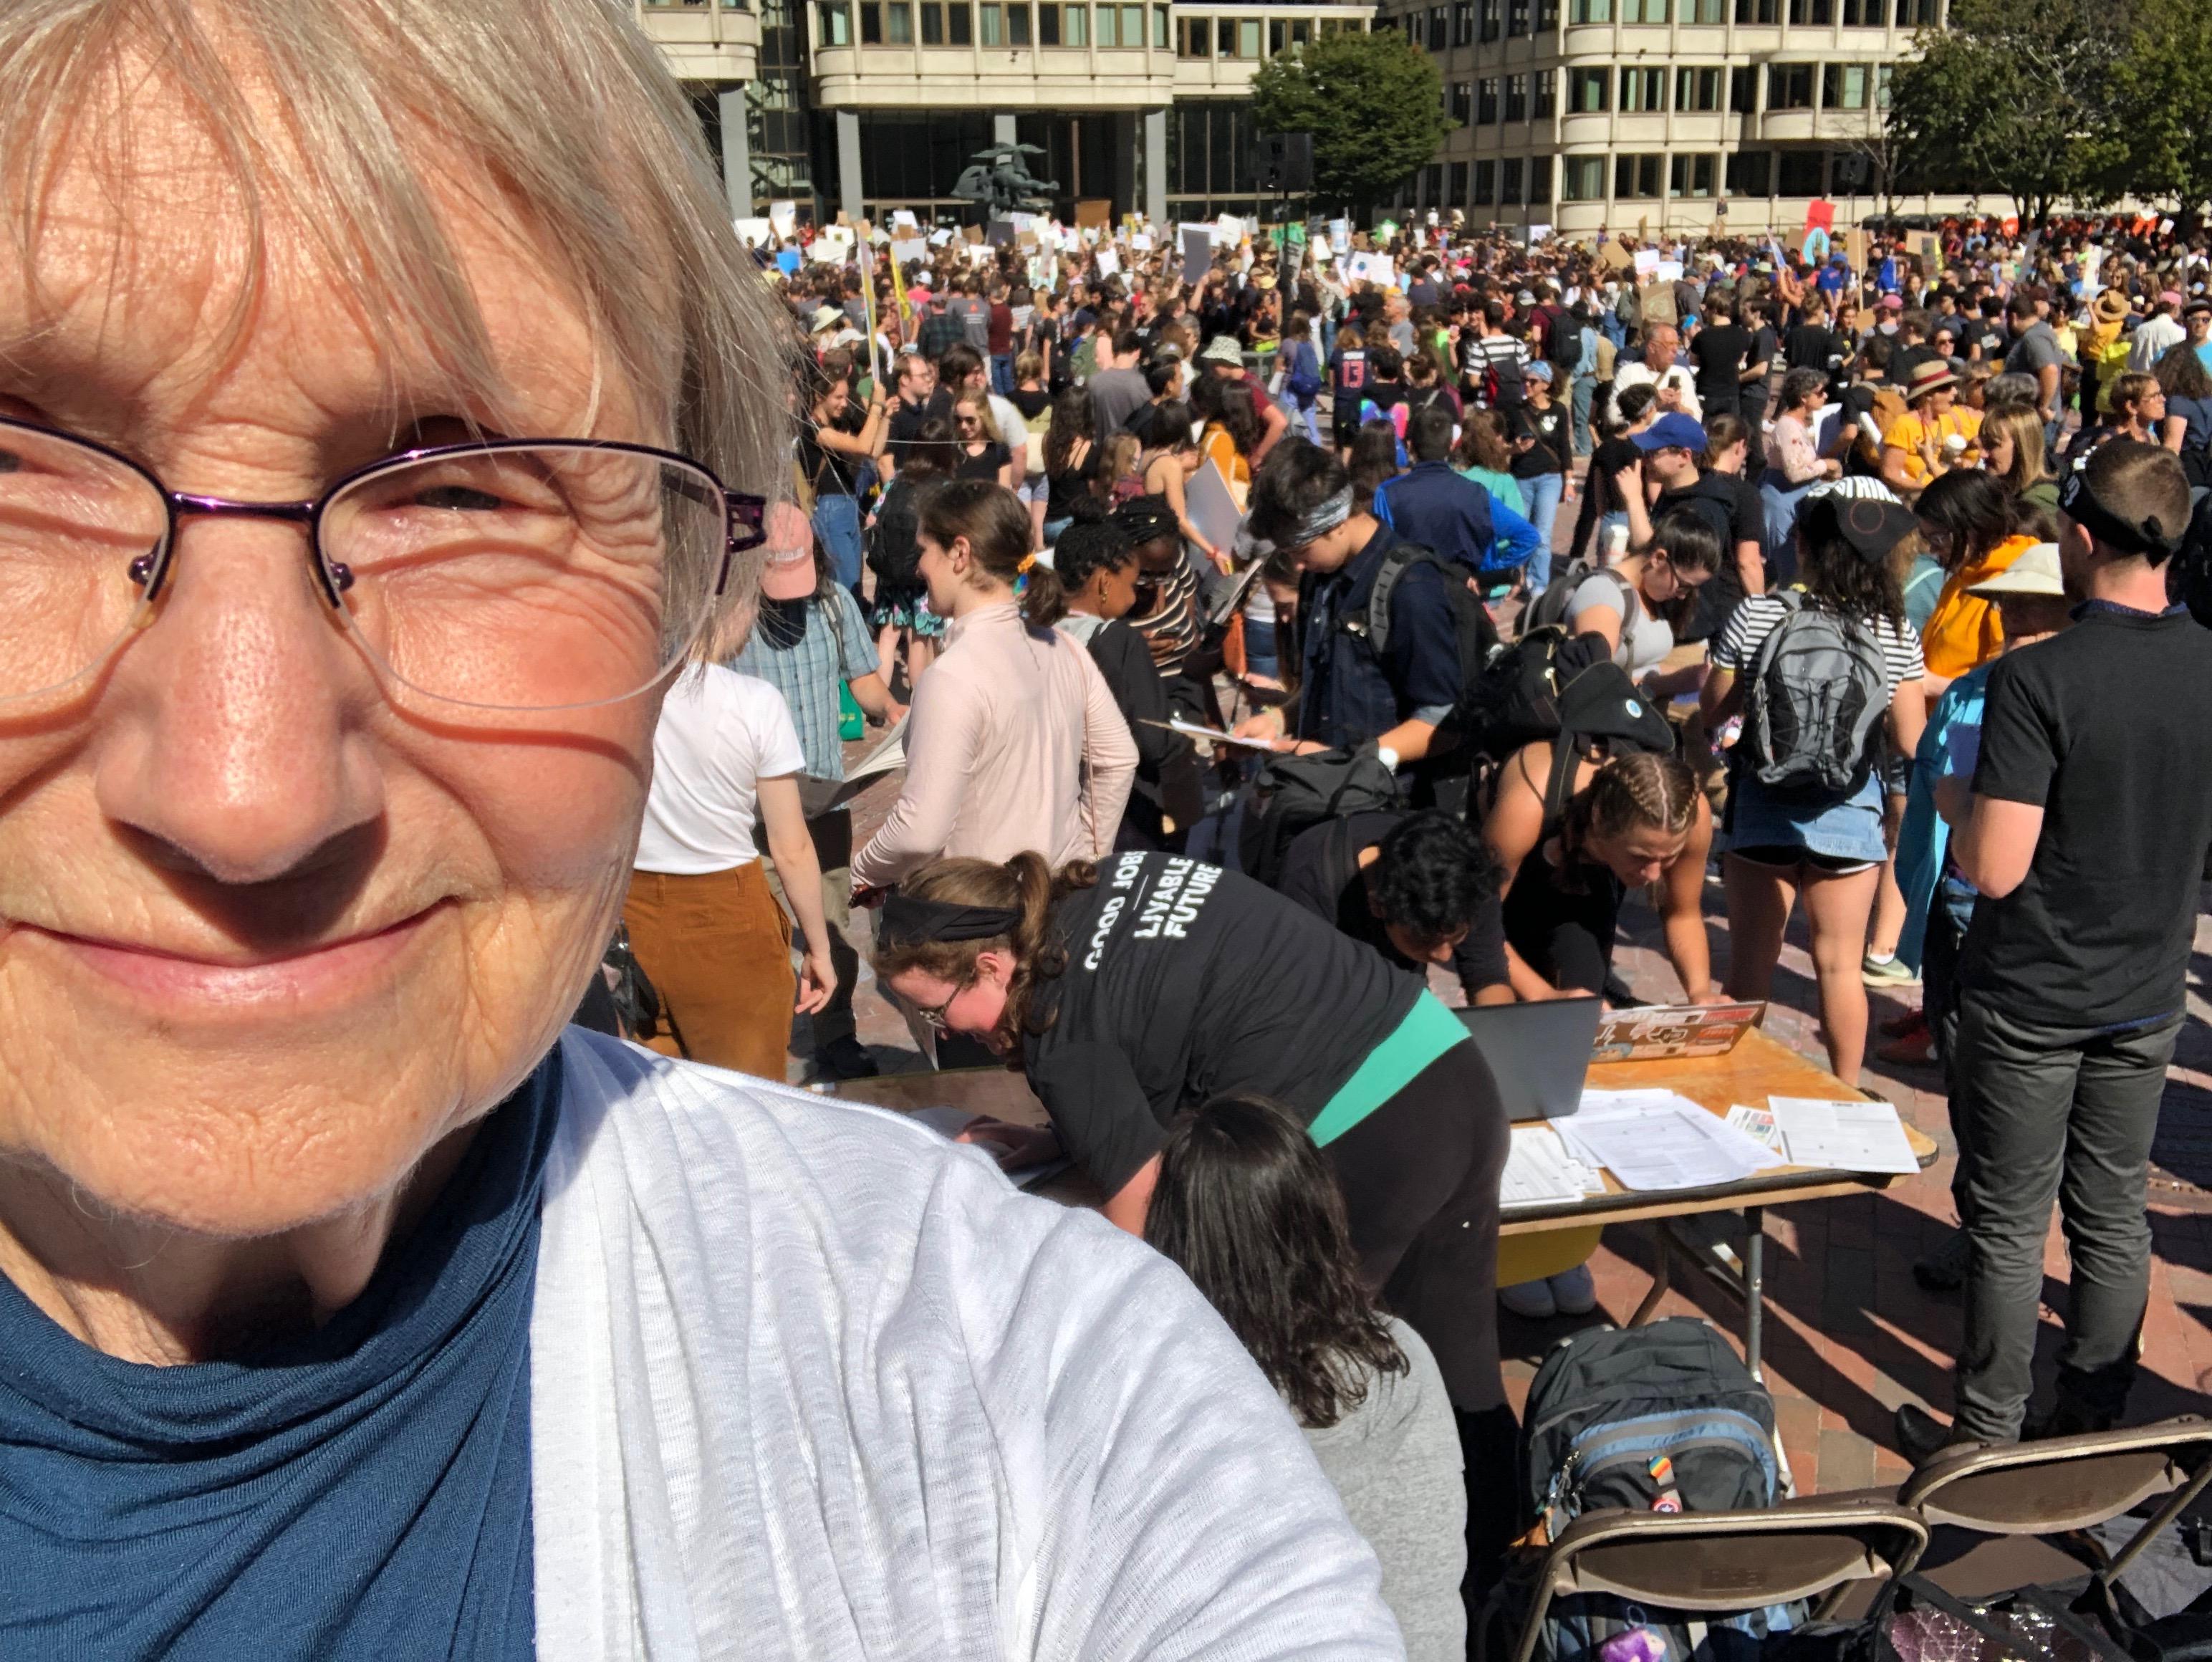 092019-climate-strike-boston